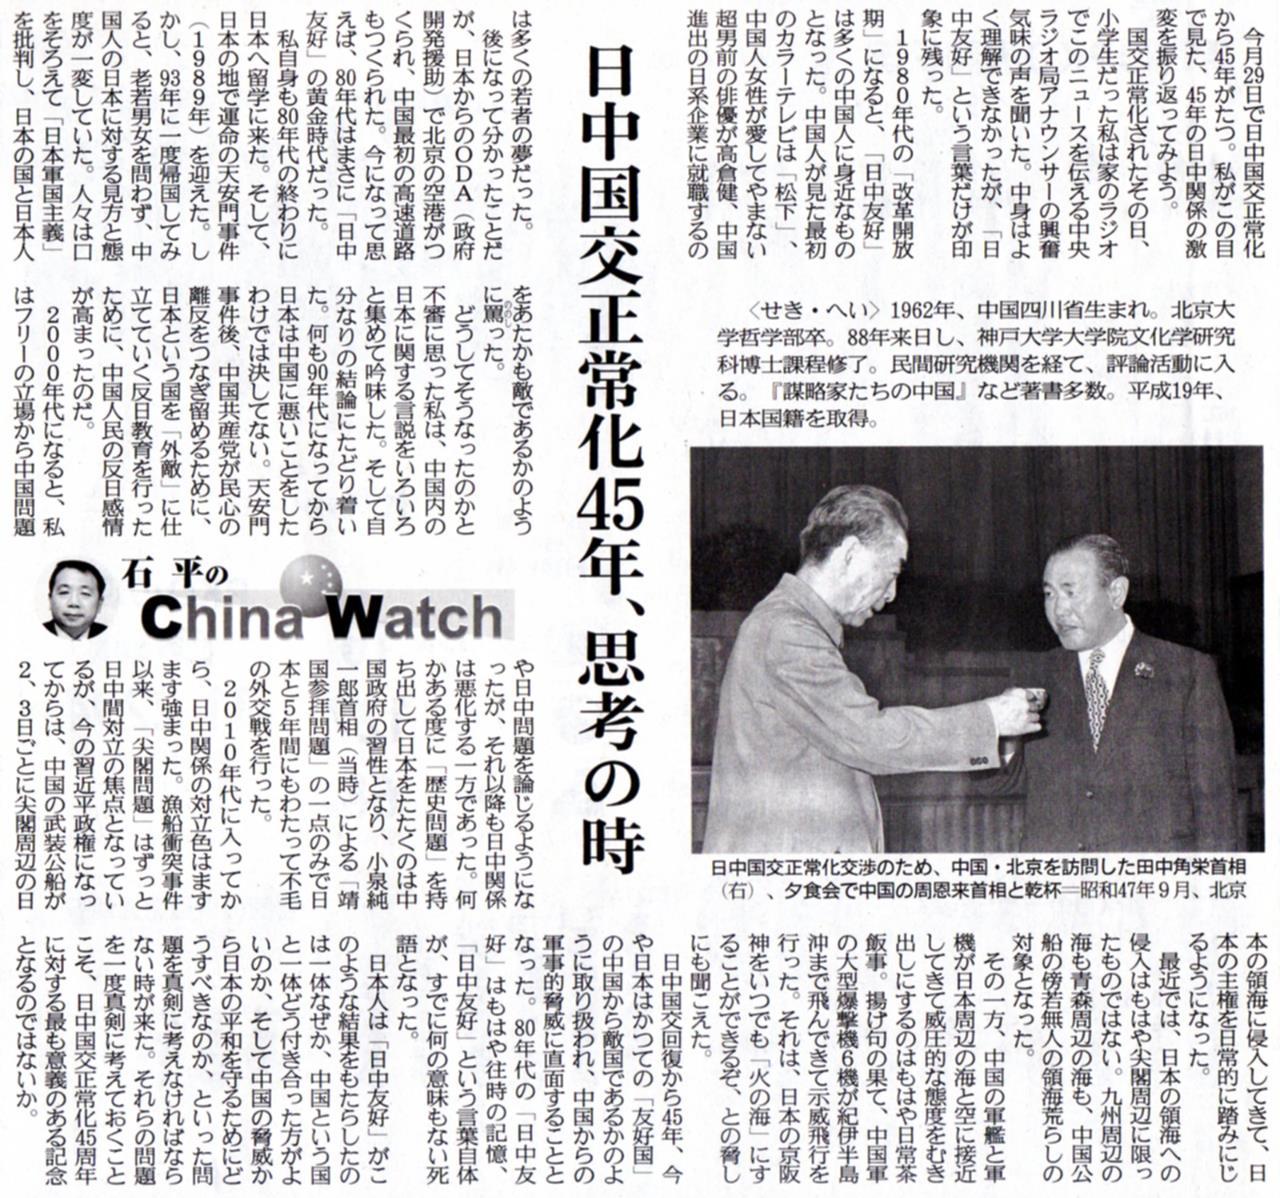 石平のChina Watch